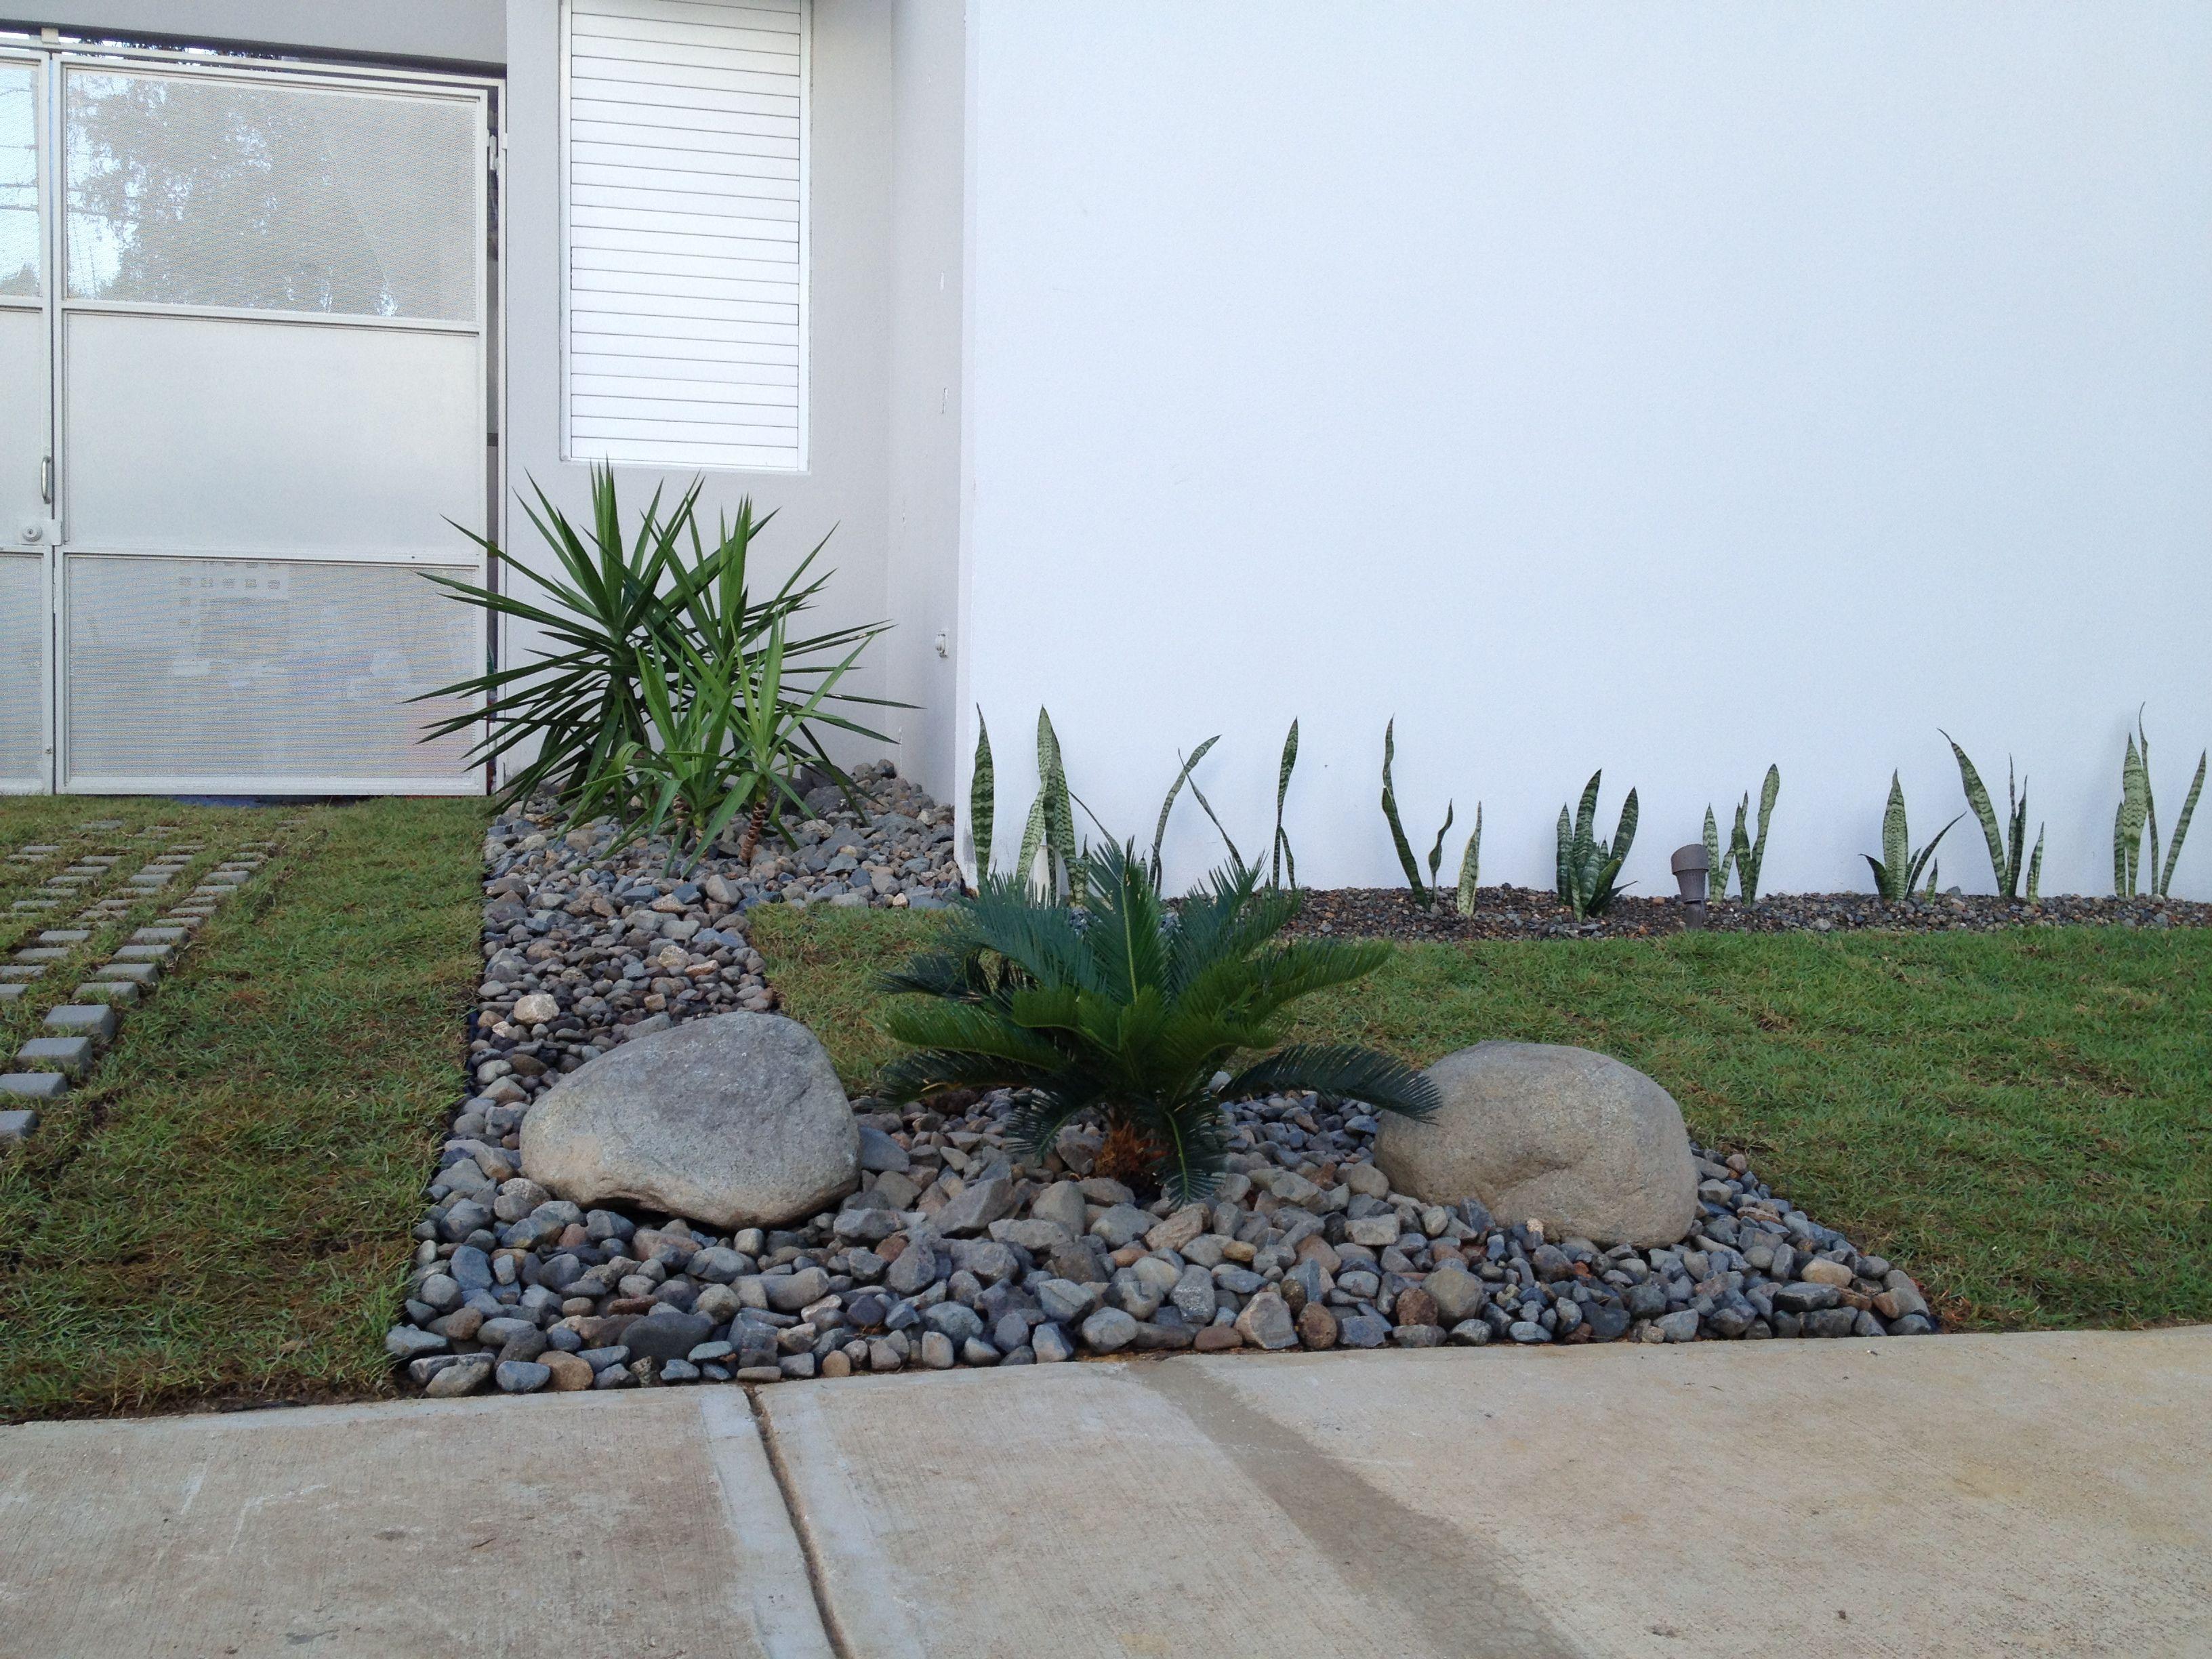 Jardin moderno garden irrigation pr en facebook garden - Jardines modernos ...